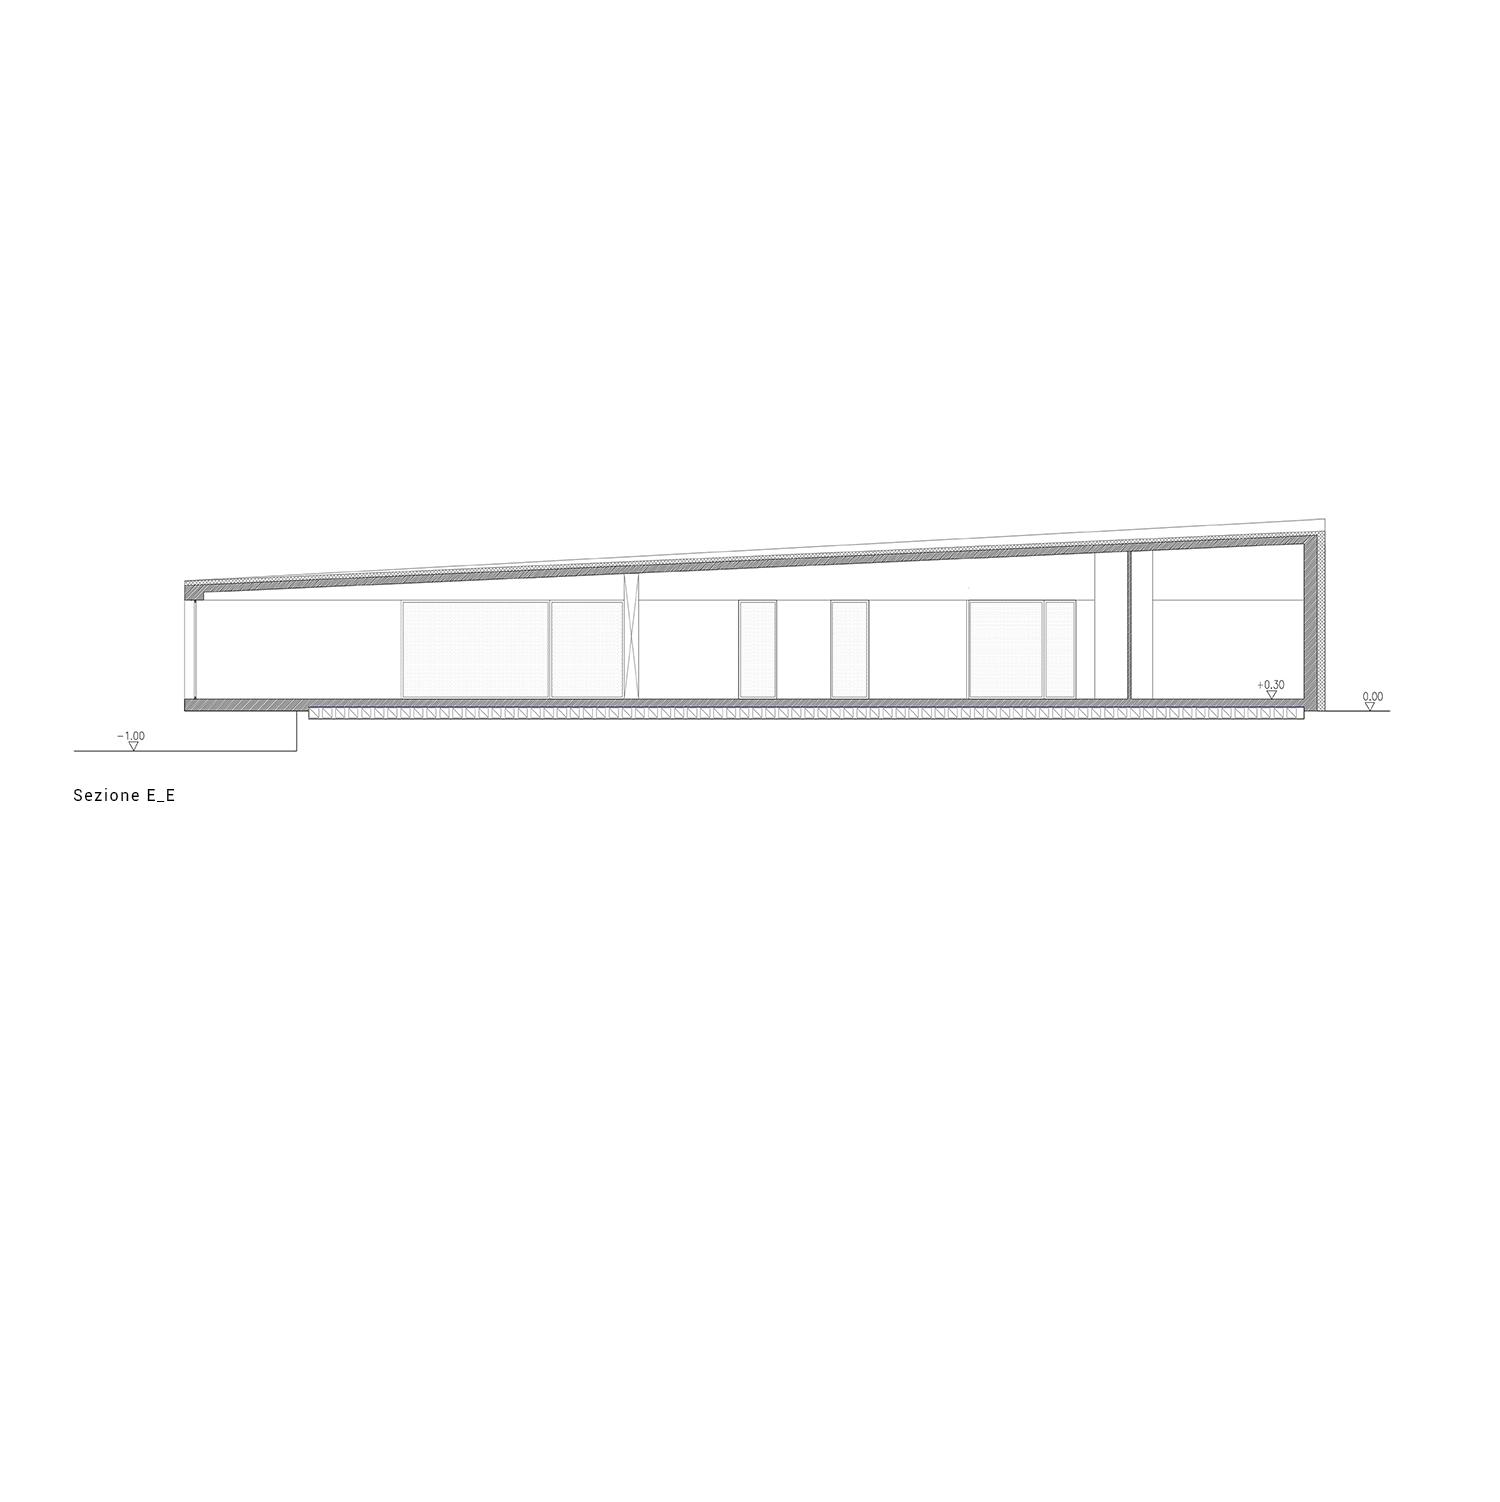 Sezione E-E Arch. Salvatore Terranova - Ing. Giorgia Testa}